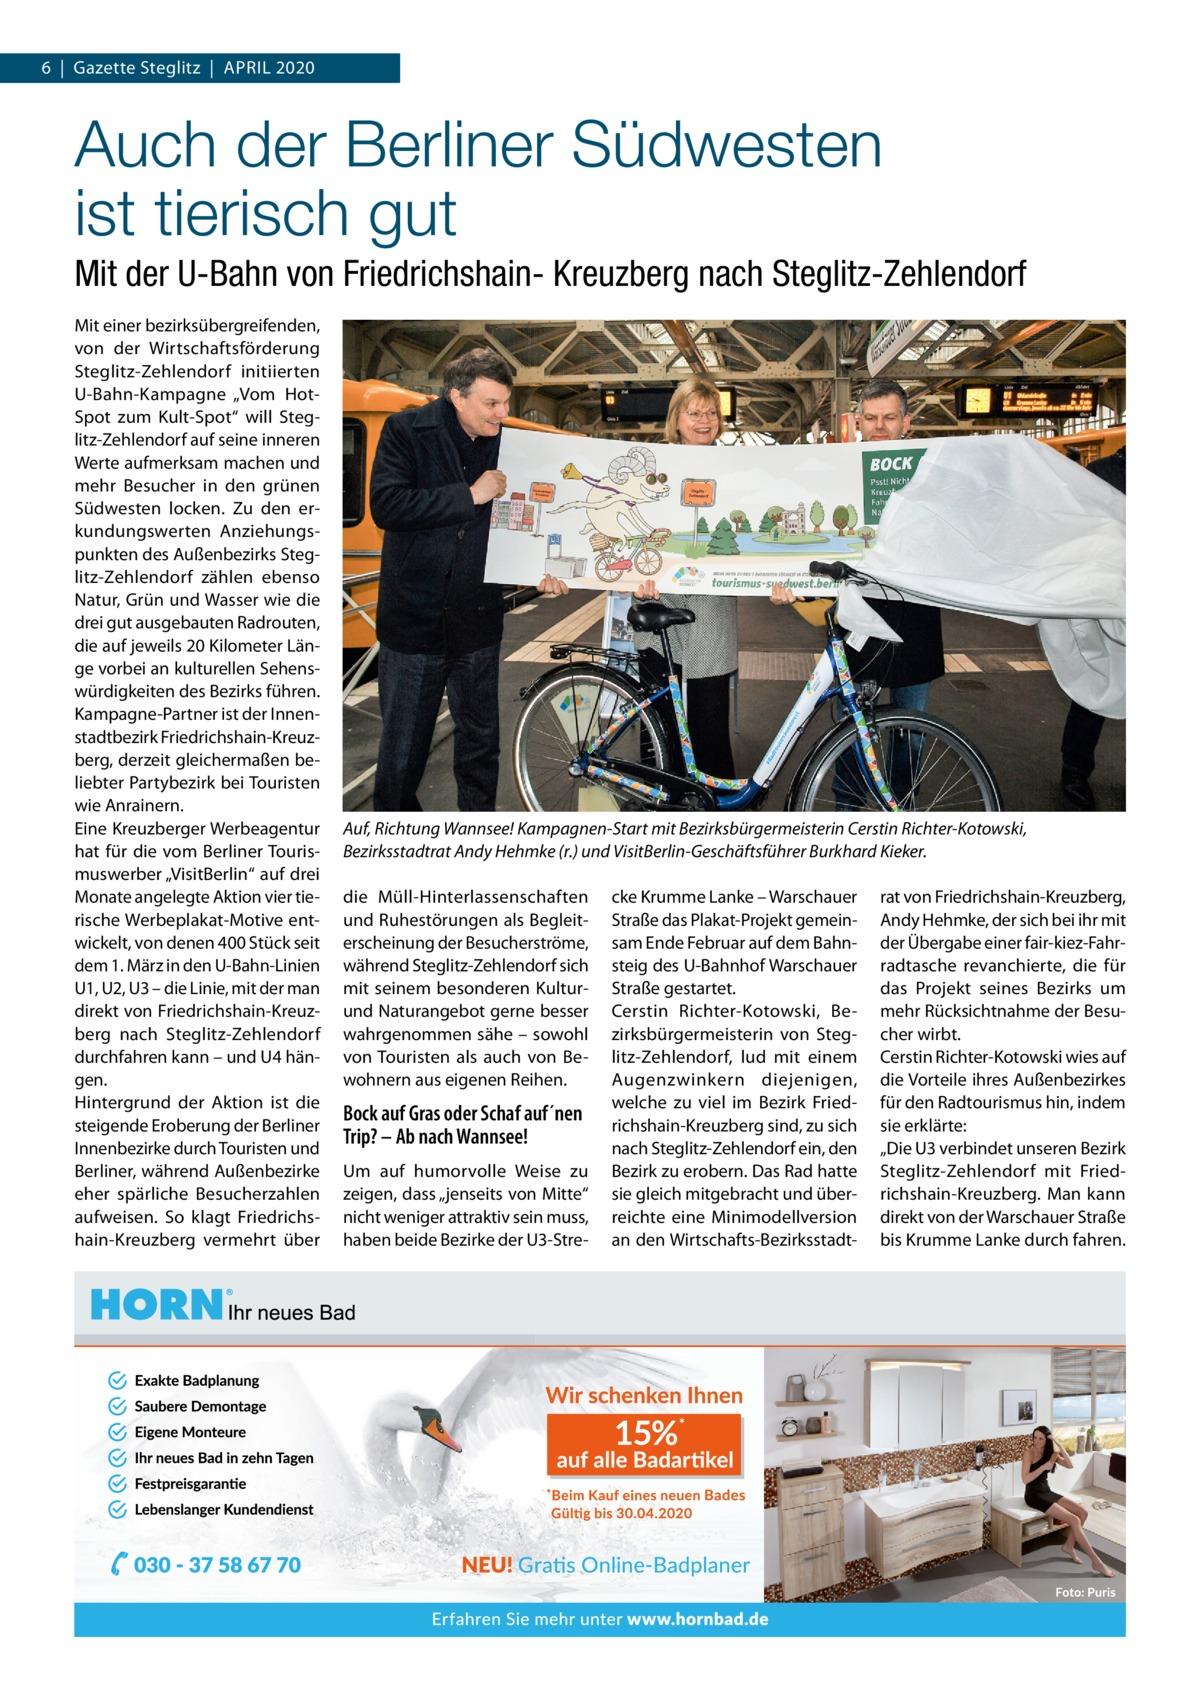 """6 Gazette Steglitz April 2020  Auch der Berliner Südwesten isttierisch gut Mit der U-Bahn von Friedrichshain- Kreuzberg nach Steglitz-Zehlendorf Mit einer bezirksübergreifenden, von der Wirtschaftsförderung Steglitz-Zehlendorf initiierten U-Bahn-Kampagne """"Vom HotSpot zum Kult-Spot"""" will Steglitz-Zehlendorf auf seine inneren Werte aufmerksam machen und mehr Besucher in den grünen Südwesten locken. Zu den erkundungswerten Anziehungspunkten des Außenbezirks Steglitz-Zehlendorf zählen ebenso Natur, Grün und Wasser wie die drei gut ausgebauten radrouten, die auf jeweils 20Kilometer länge vorbei an kulturellen Sehenswürdigkeiten des Bezirks führen. Kampagne-partner ist der innenstadtbezirk Friedrichshain-Kreuzberg, derzeit gleichermaßen beliebter partybezirk bei Touristen wie Anrainern. Eine Kreuzberger Werbeagentur hat für die vom Berliner Tourismuswerber """"VisitBerlin"""" auf drei Monate angelegte Aktion vier tierische Werbeplakat-Motive entwickelt, von denen 400Stück seit dem 1.März in den U-Bahn-linien U1, U2, U3 – die linie, mit der man direkt von Friedrichshain-Kreuzberg nach Steglitz-Zehlendorf durchfahren kann – und U4 hängen. Hintergrund der Aktion ist die steigende Eroberung der Berliner innenbezirke durch Touristen und Berliner, während Außenbezirke eher spärliche Besucherzahlen aufweisen. So klagt Friedrichshain-Kreuzberg vermehrt über  Auf, Richtung Wannsee! Kampagnen-Start mit Bezirksbürgermeisterin Cerstin Richter-Kotowski, Bezirksstadtrat Andy Hehmke (r.) und VisitBerlin-Geschäftsführer Burkhard Kieker. die Müll-Hinterlassenschaften und ruhestörungen als Begleiterscheinung der Besucherströme, während Steglitz-Zehlendorf sich mit seinem besonderen Kulturund Naturangebot gerne besser wahrgenommen sähe – sowohl von Touristen als auch von Bewohnern aus eigenen reihen.  Bock auf Gras oder Schaf auf´nen Trip? – Ab nach Wannsee! Um auf humorvolle Weise zu zeigen, dass """"jenseits von Mitte"""" nicht weniger attraktiv sein muss, haben beide Bezirke der U3-Stre cke Krumme l"""